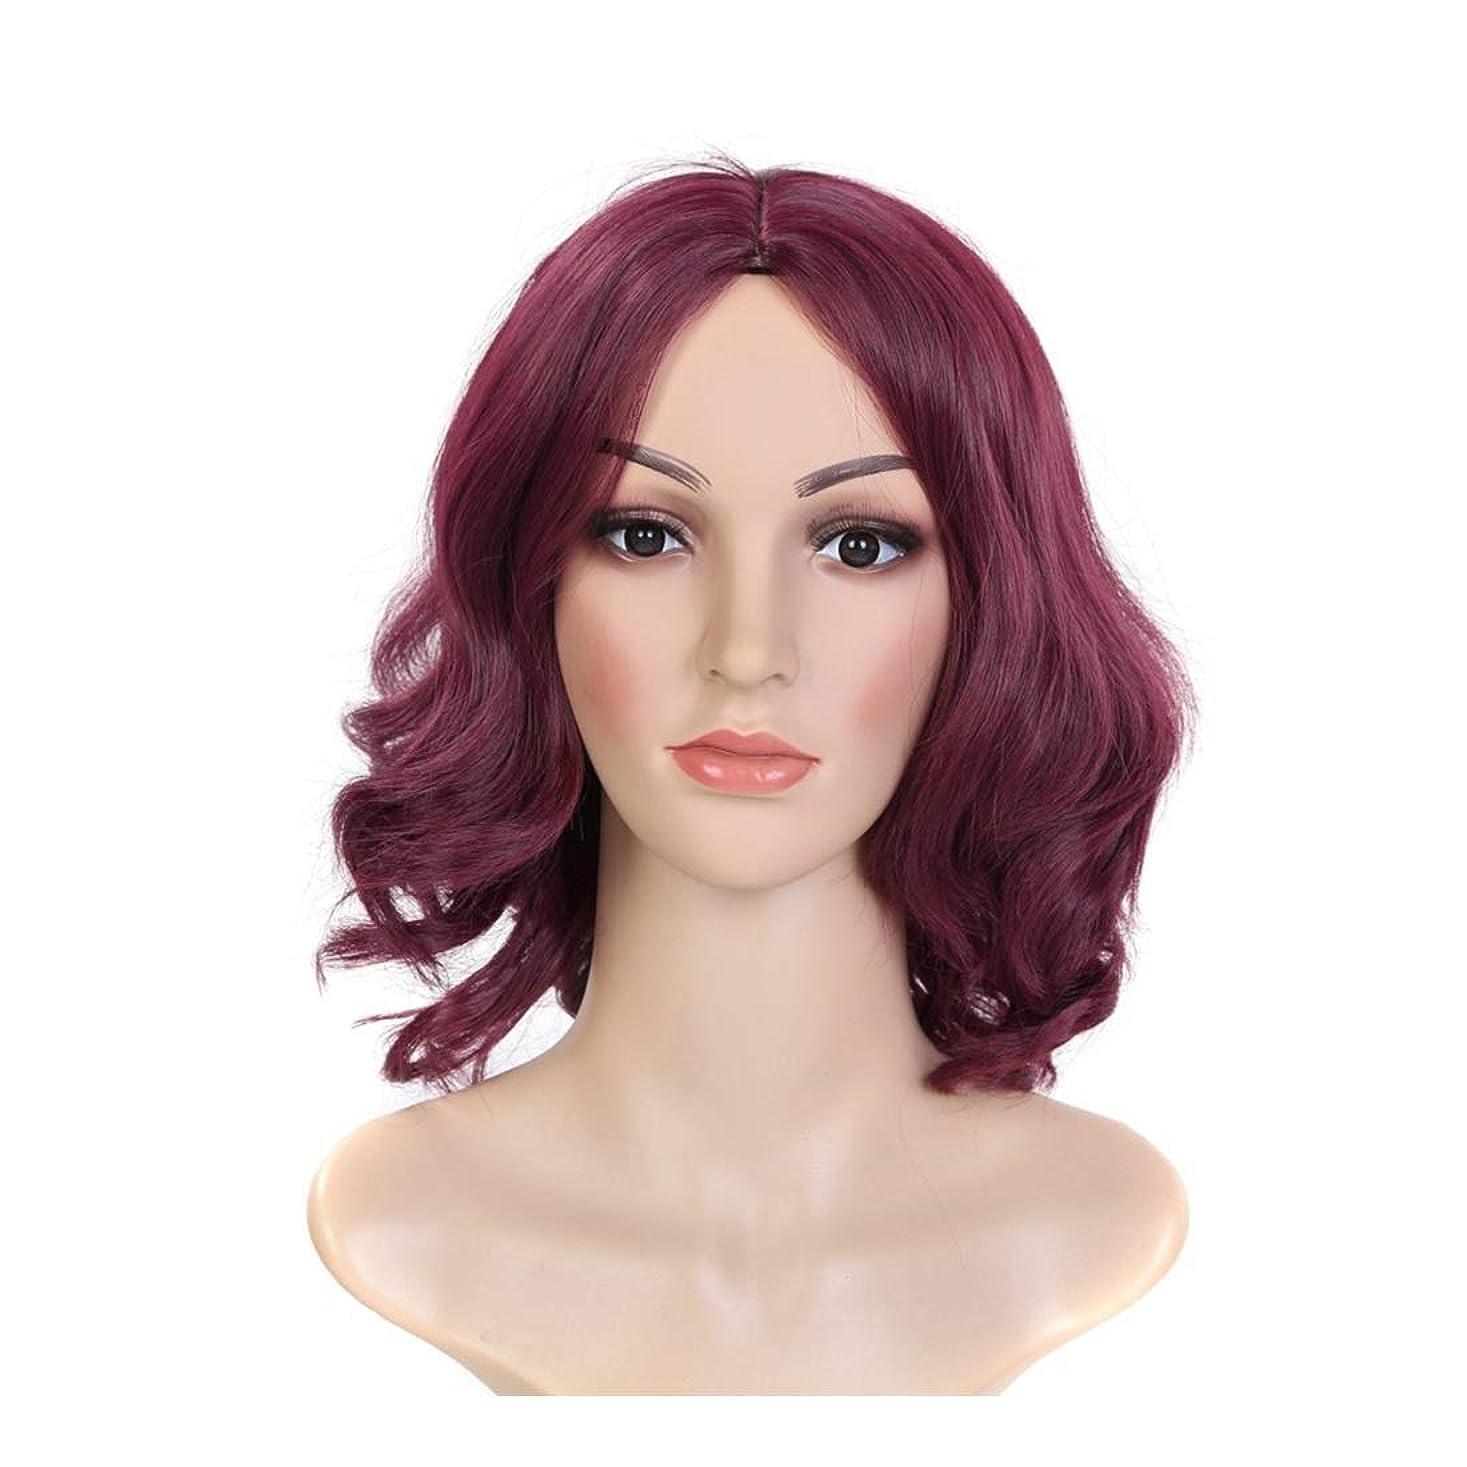 既に埋め込む福祉ワイン赤い気質分割したかつらの帽子は、女性のための顔の短い縮毛のかつら (Color : Red wine)